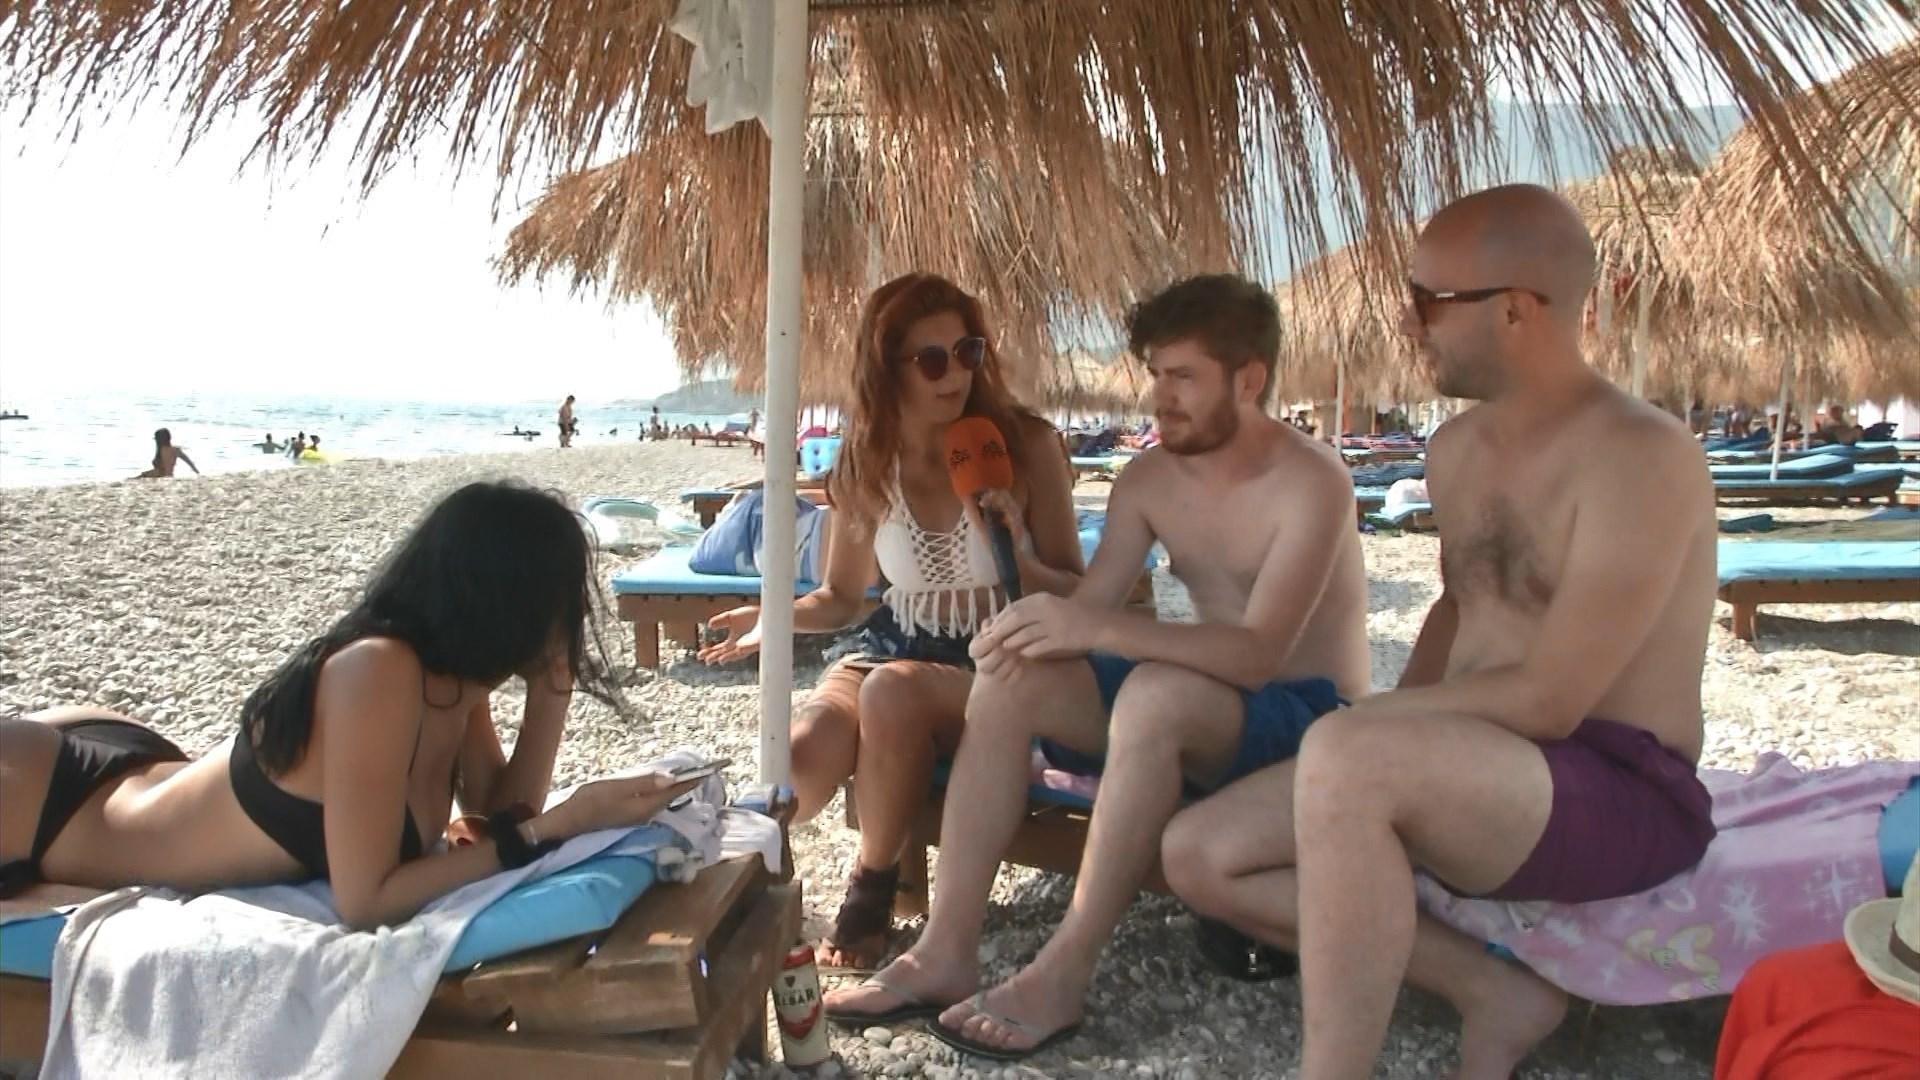 E vërteta: Pse vajzat veshin taka dhe pse depilohen meshkujt në plazh?